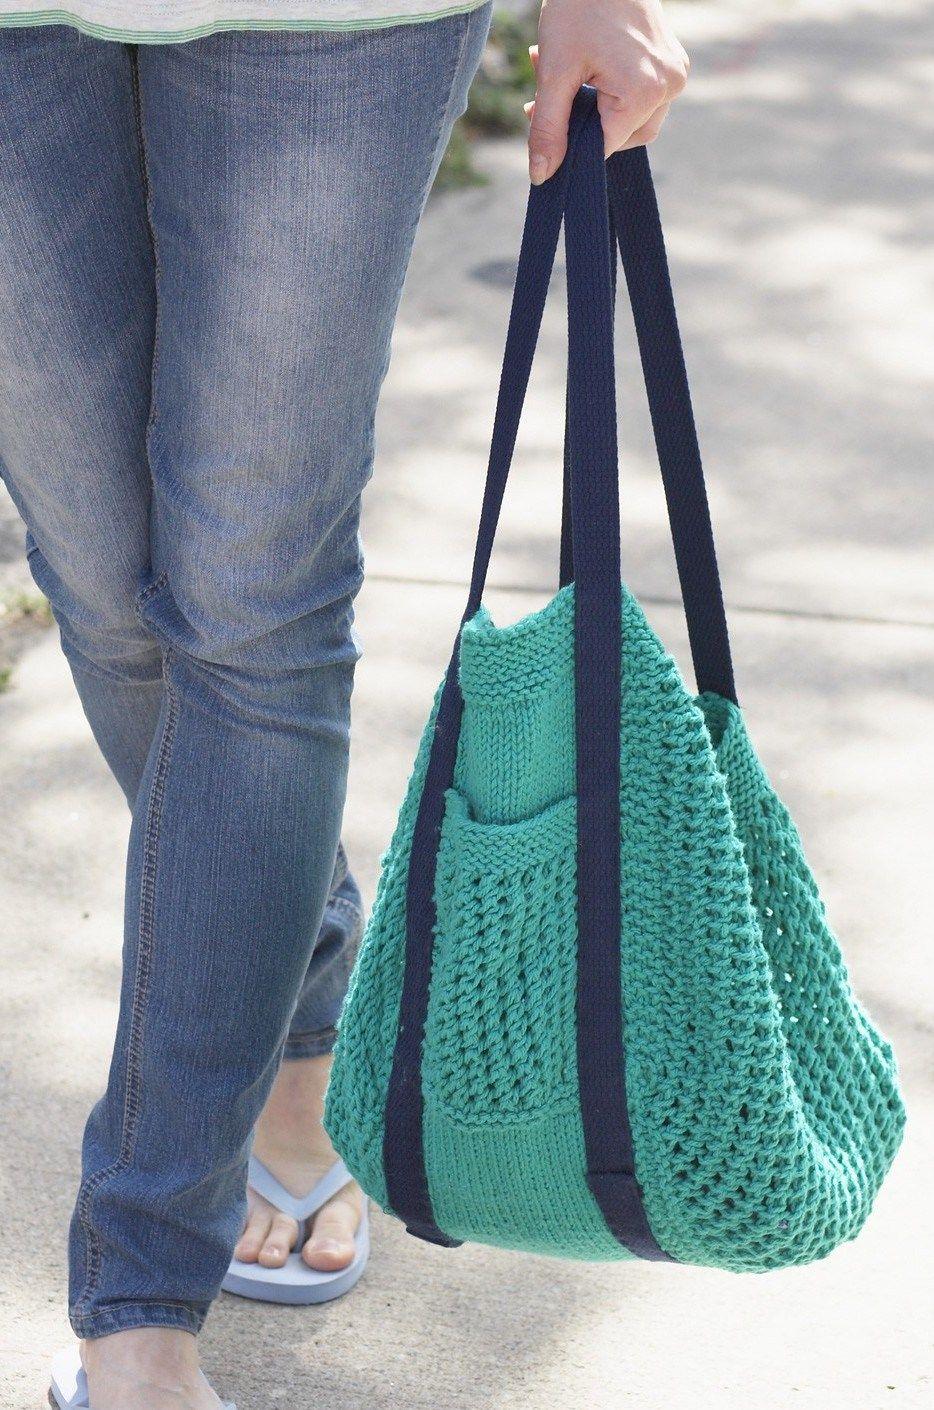 Free knitting pattern for Go Green Market Bag | Knitting - Bags ...